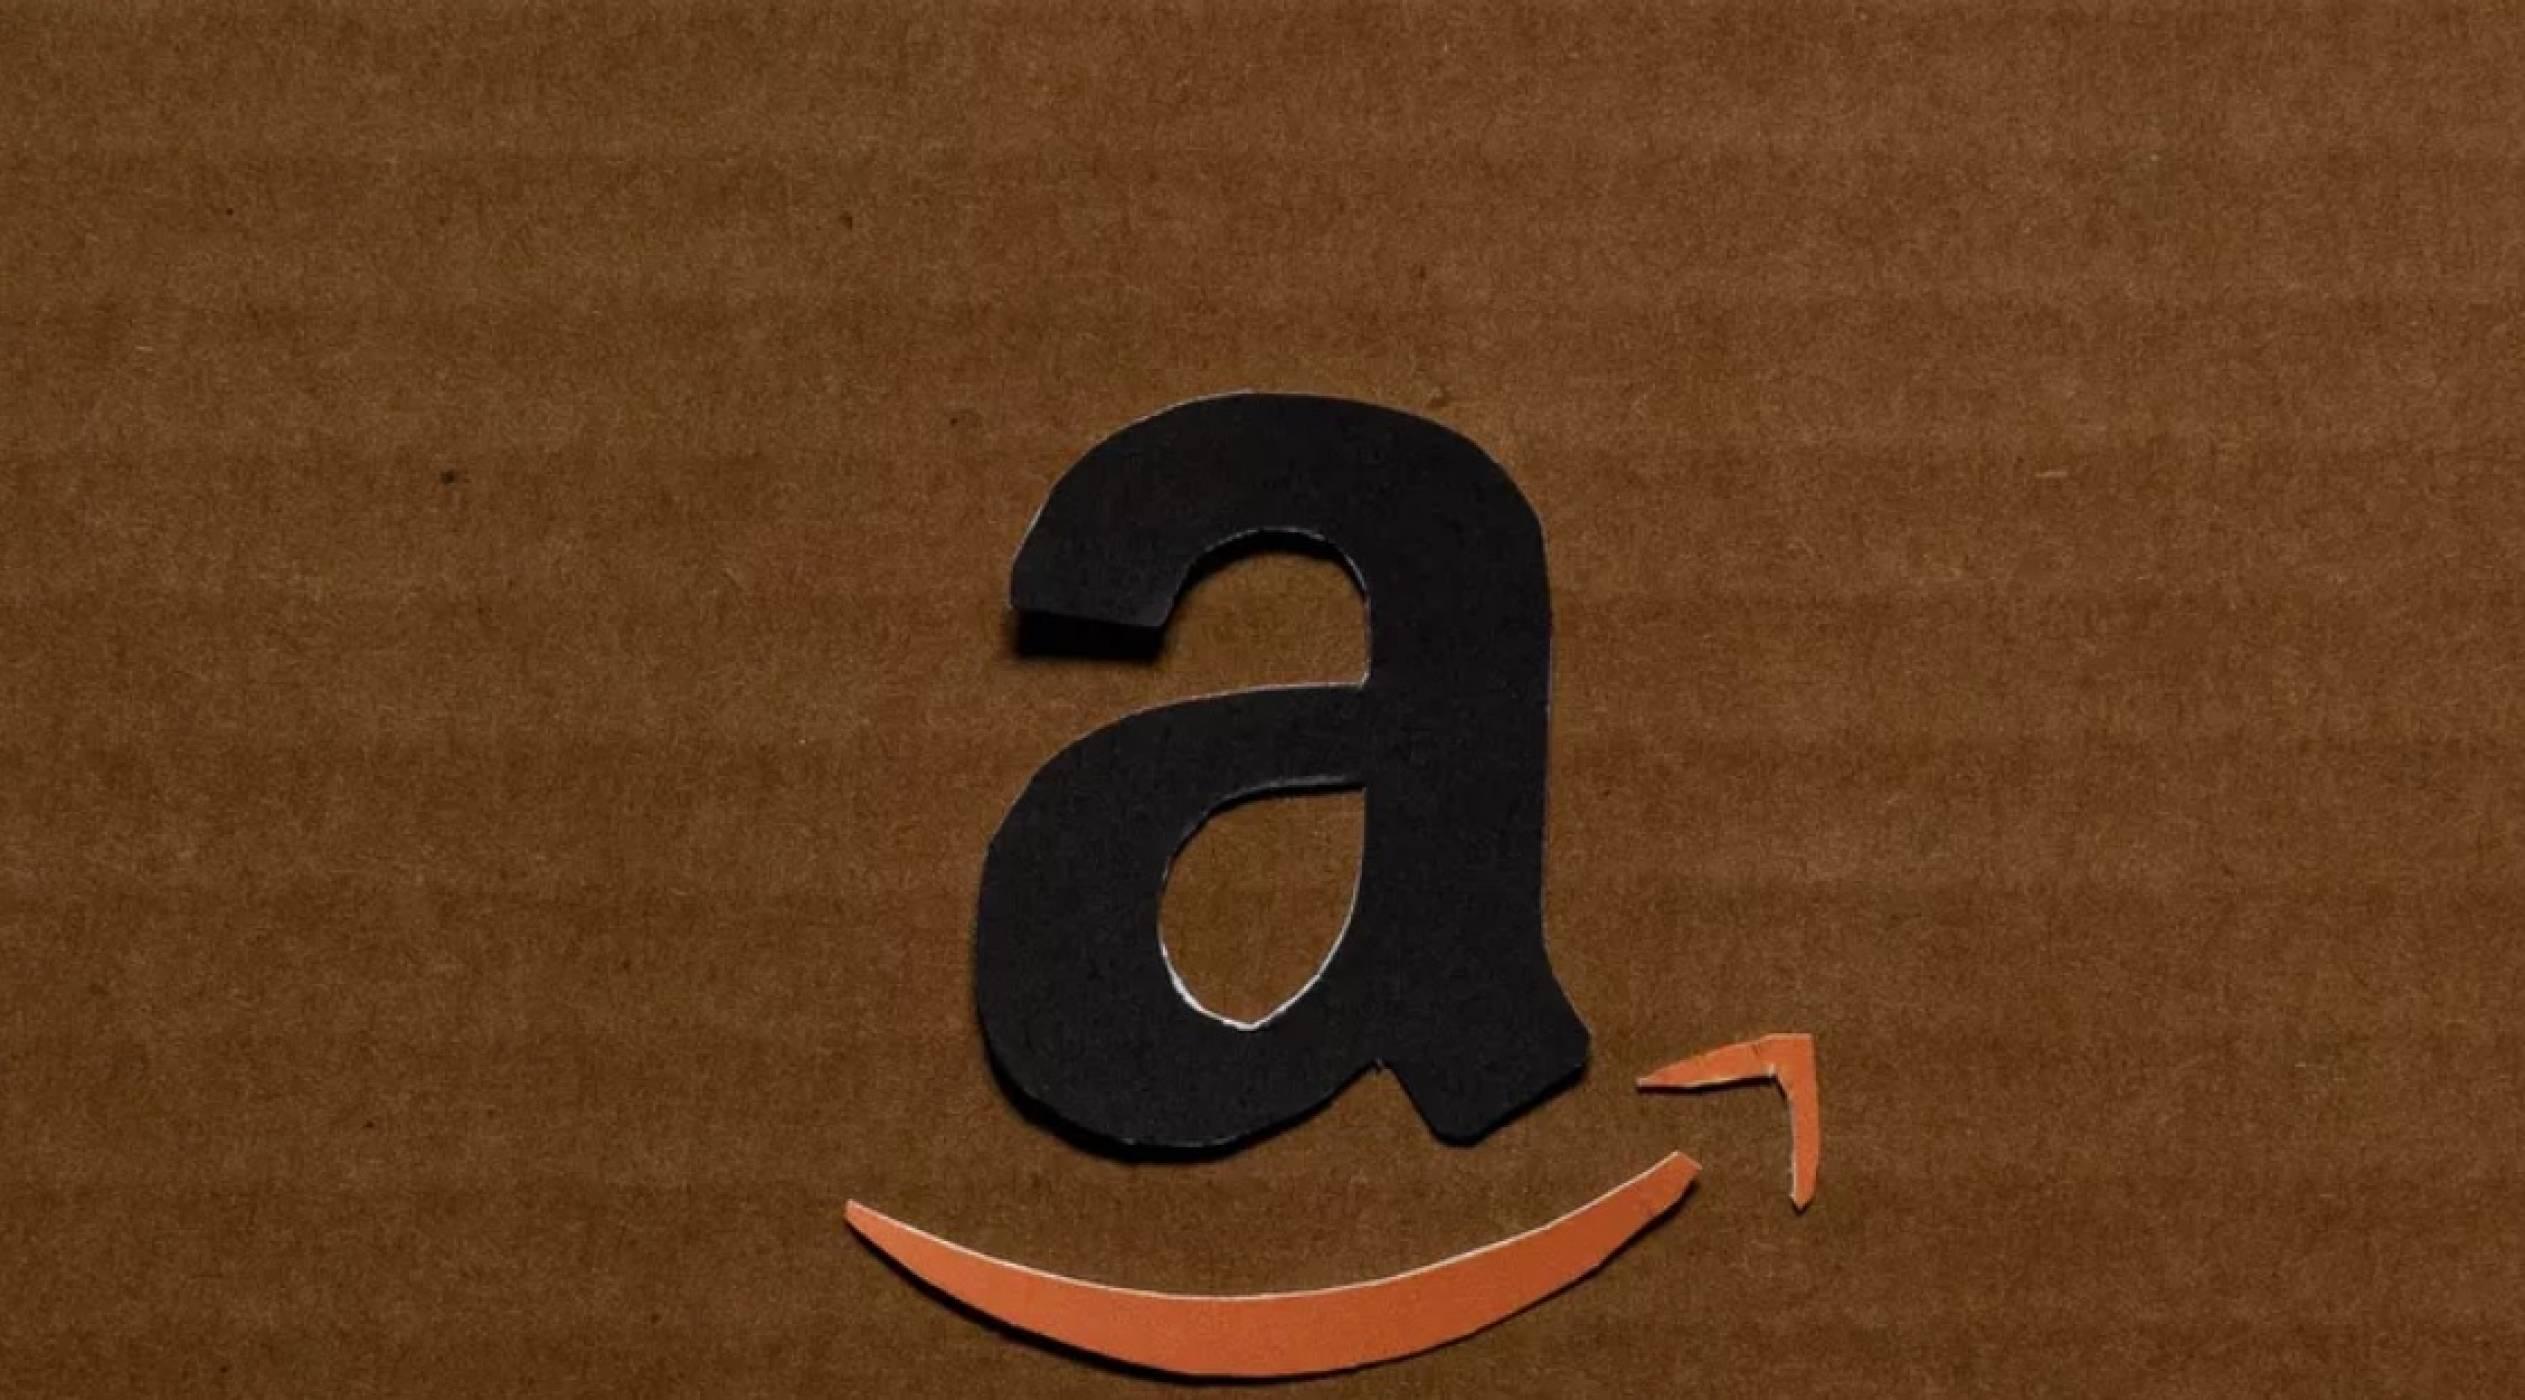 Сателитен интернет от Amazon ще покрива 95 процента от населението на планетата